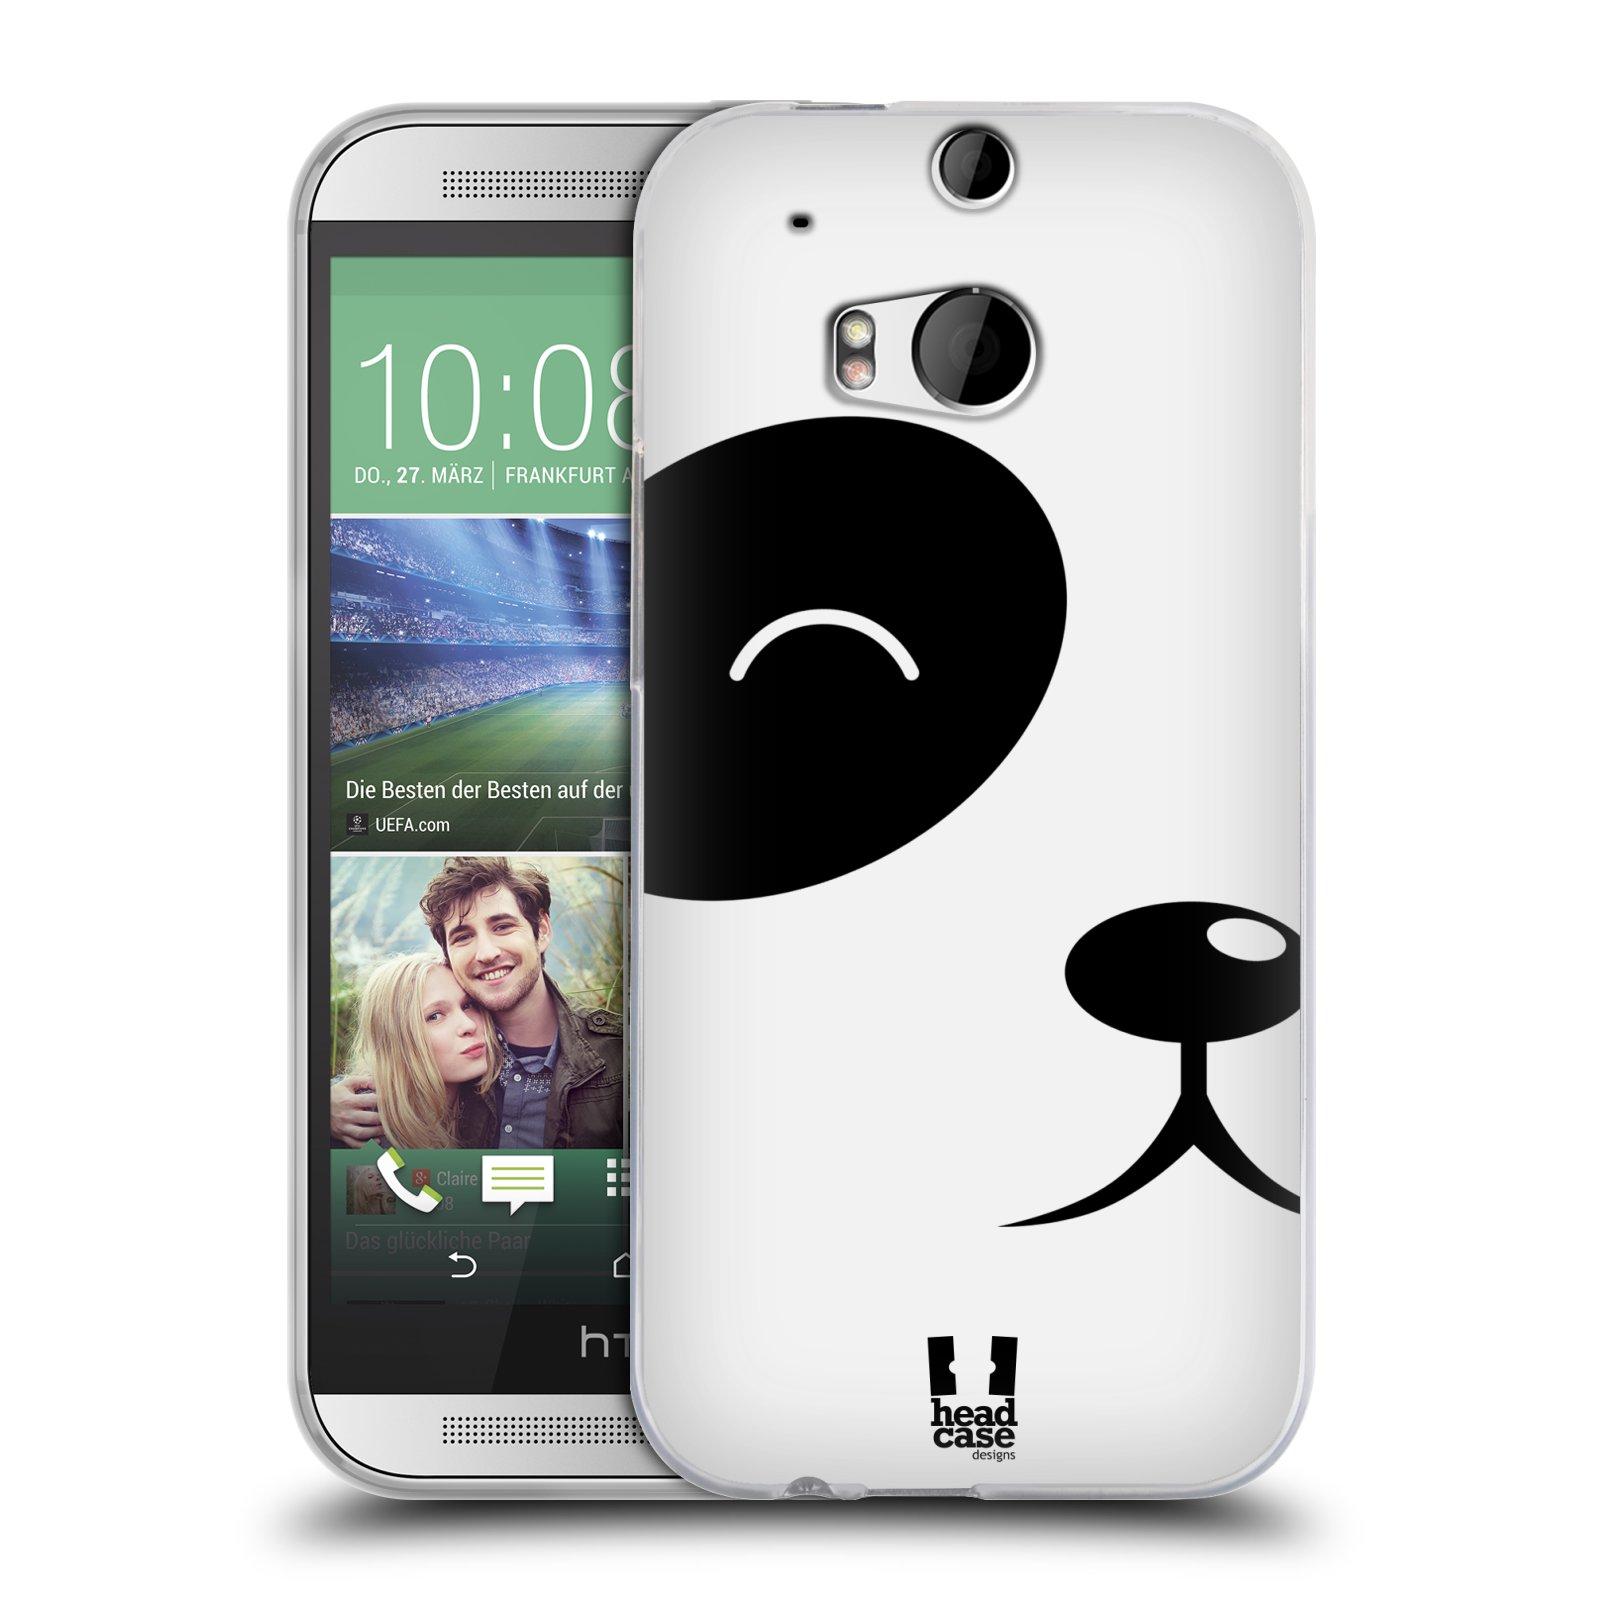 HEAD CASE silikonový obal na mobil HTC ONE (M8) vzor Celá tvář zvíře kreslený portrét medvídek panda